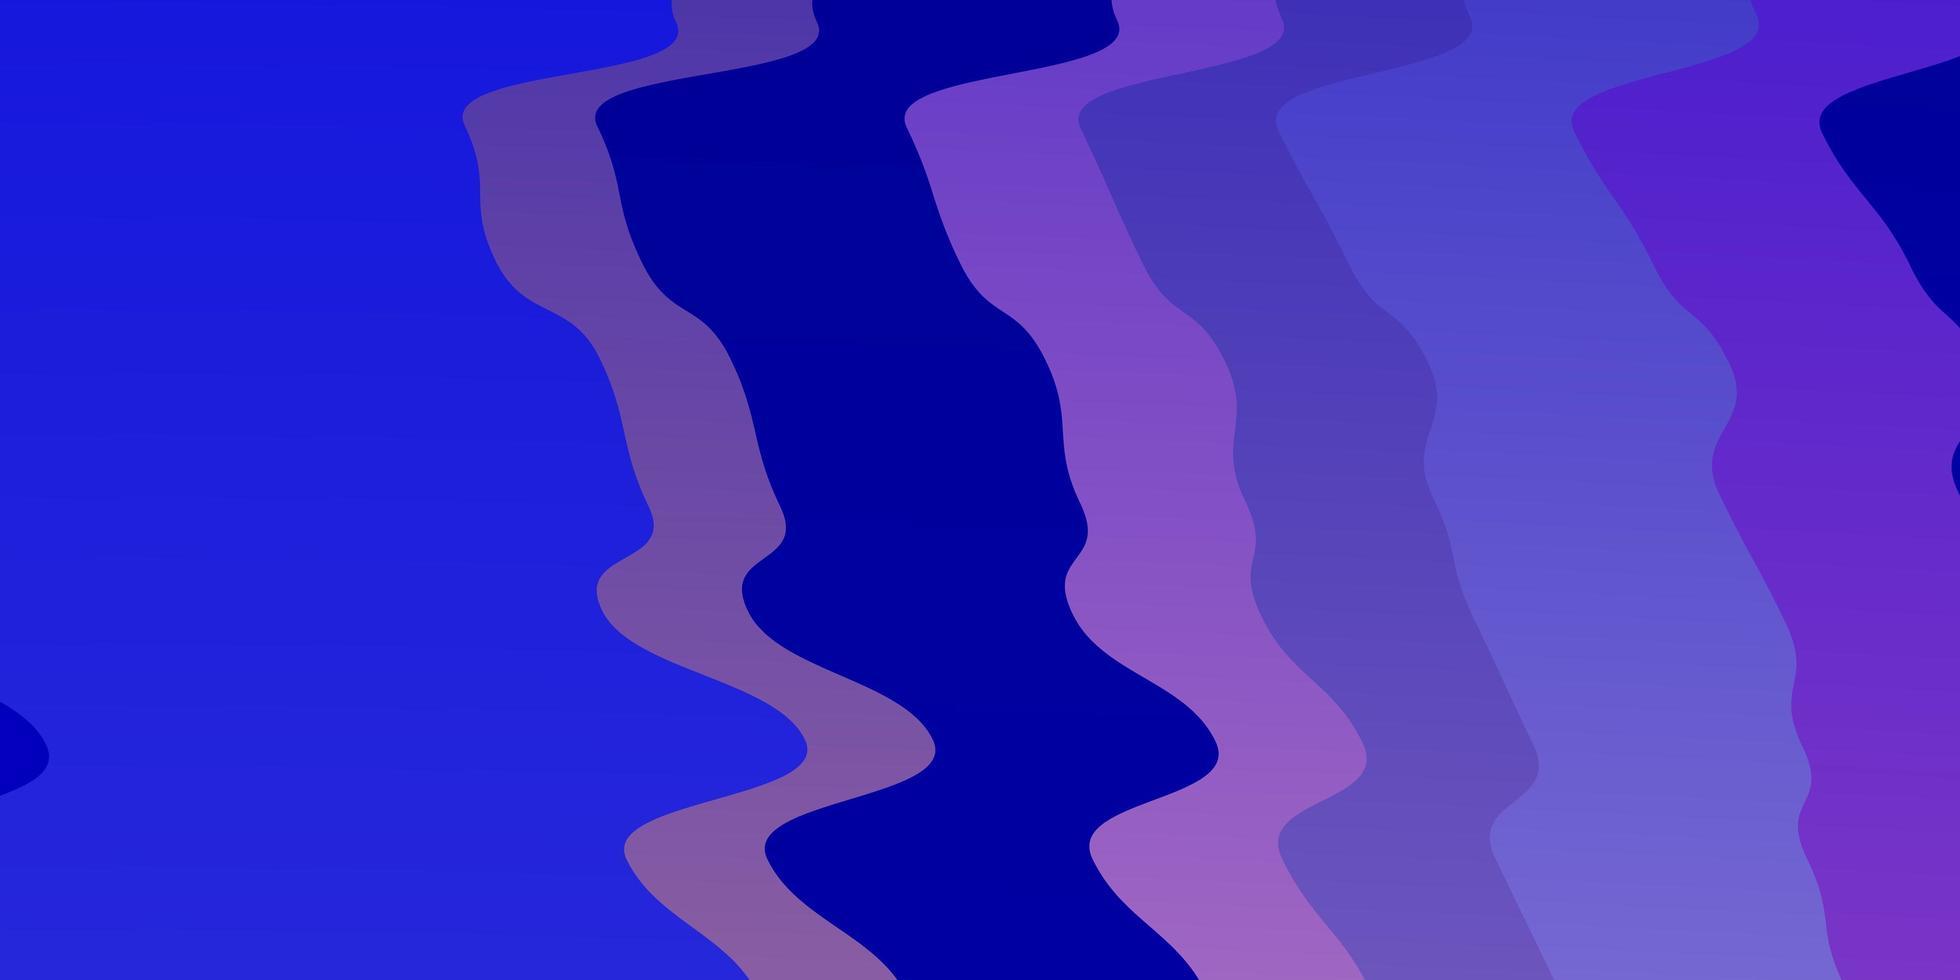 layout vettoriale rosa chiaro, blu con curve.